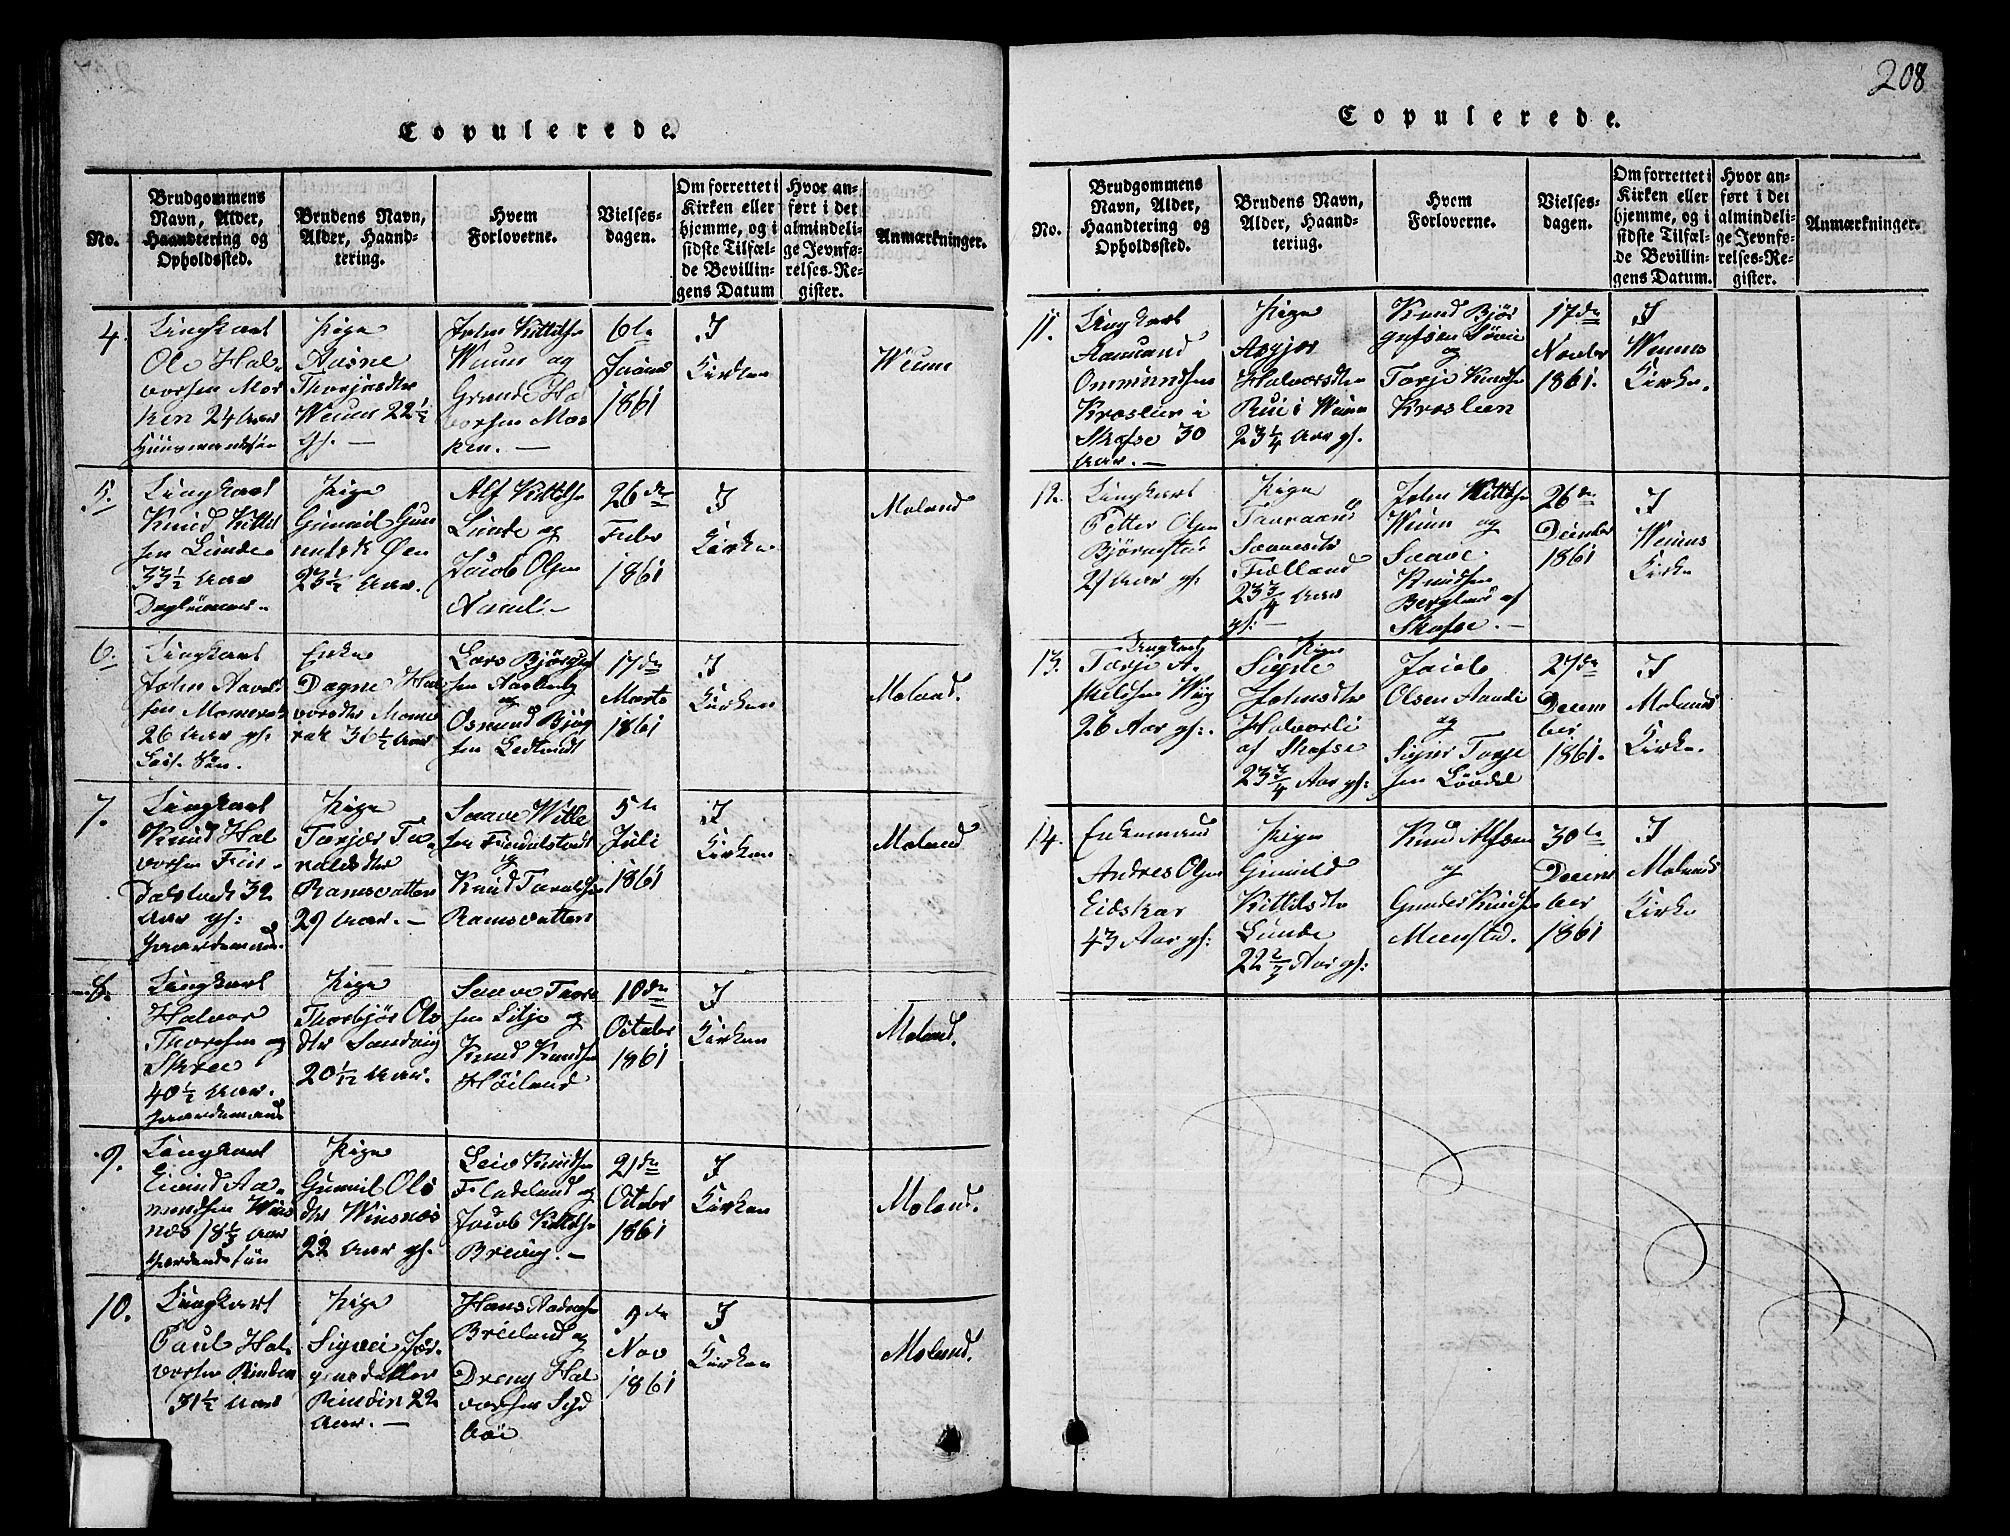 SAKO, Fyresdal kirkebøker, G/Ga/L0003: Klokkerbok nr. I 3, 1815-1863, s. 208